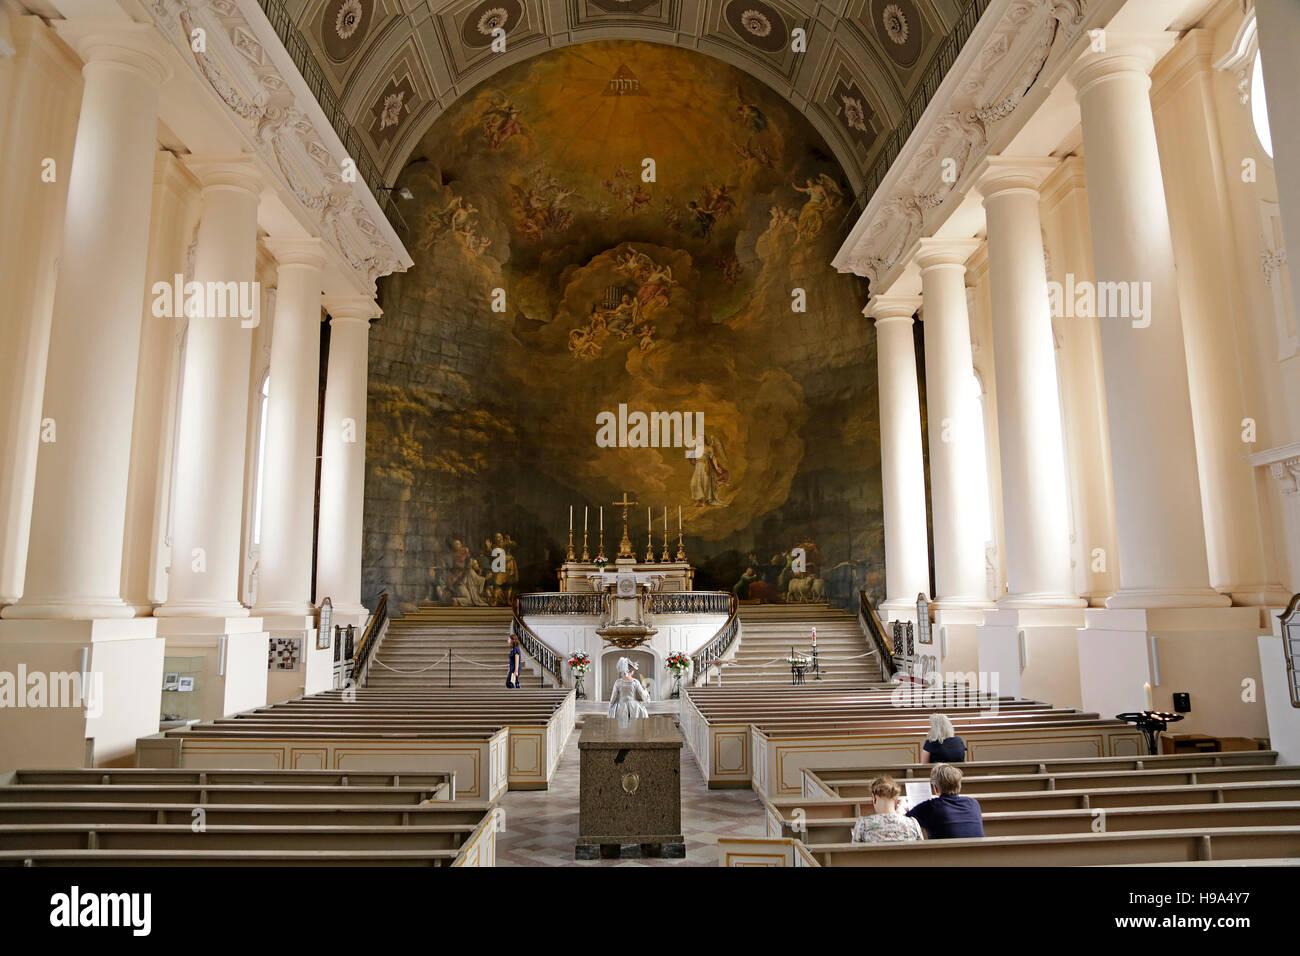 parish church, Ludwigslust, Mecklenburg-West Pomerania, Germany - Stock Image